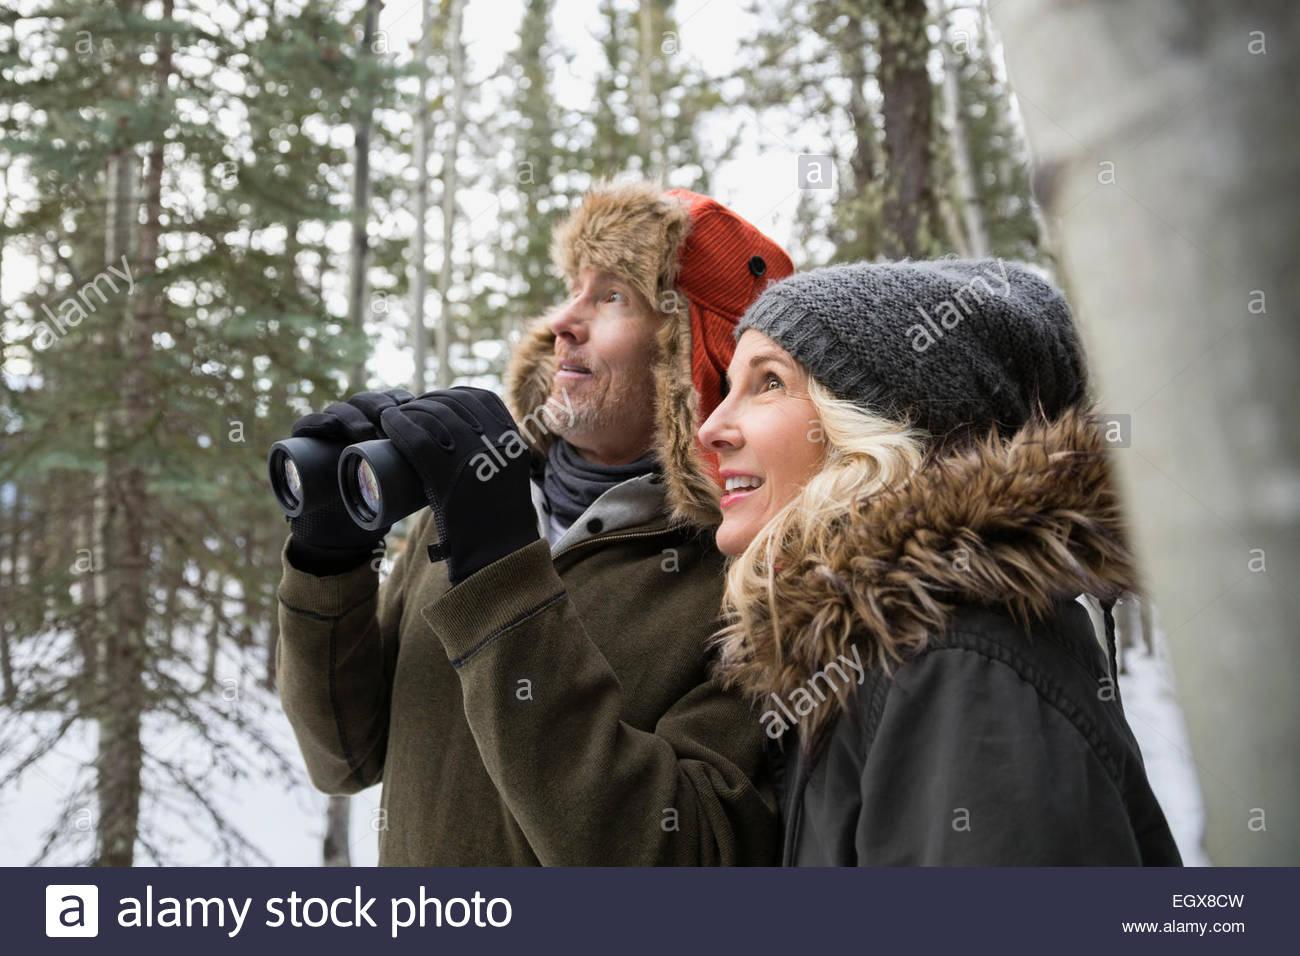 Paar mit fernglas vogelbeobachtung im verschneiten wald stockfoto